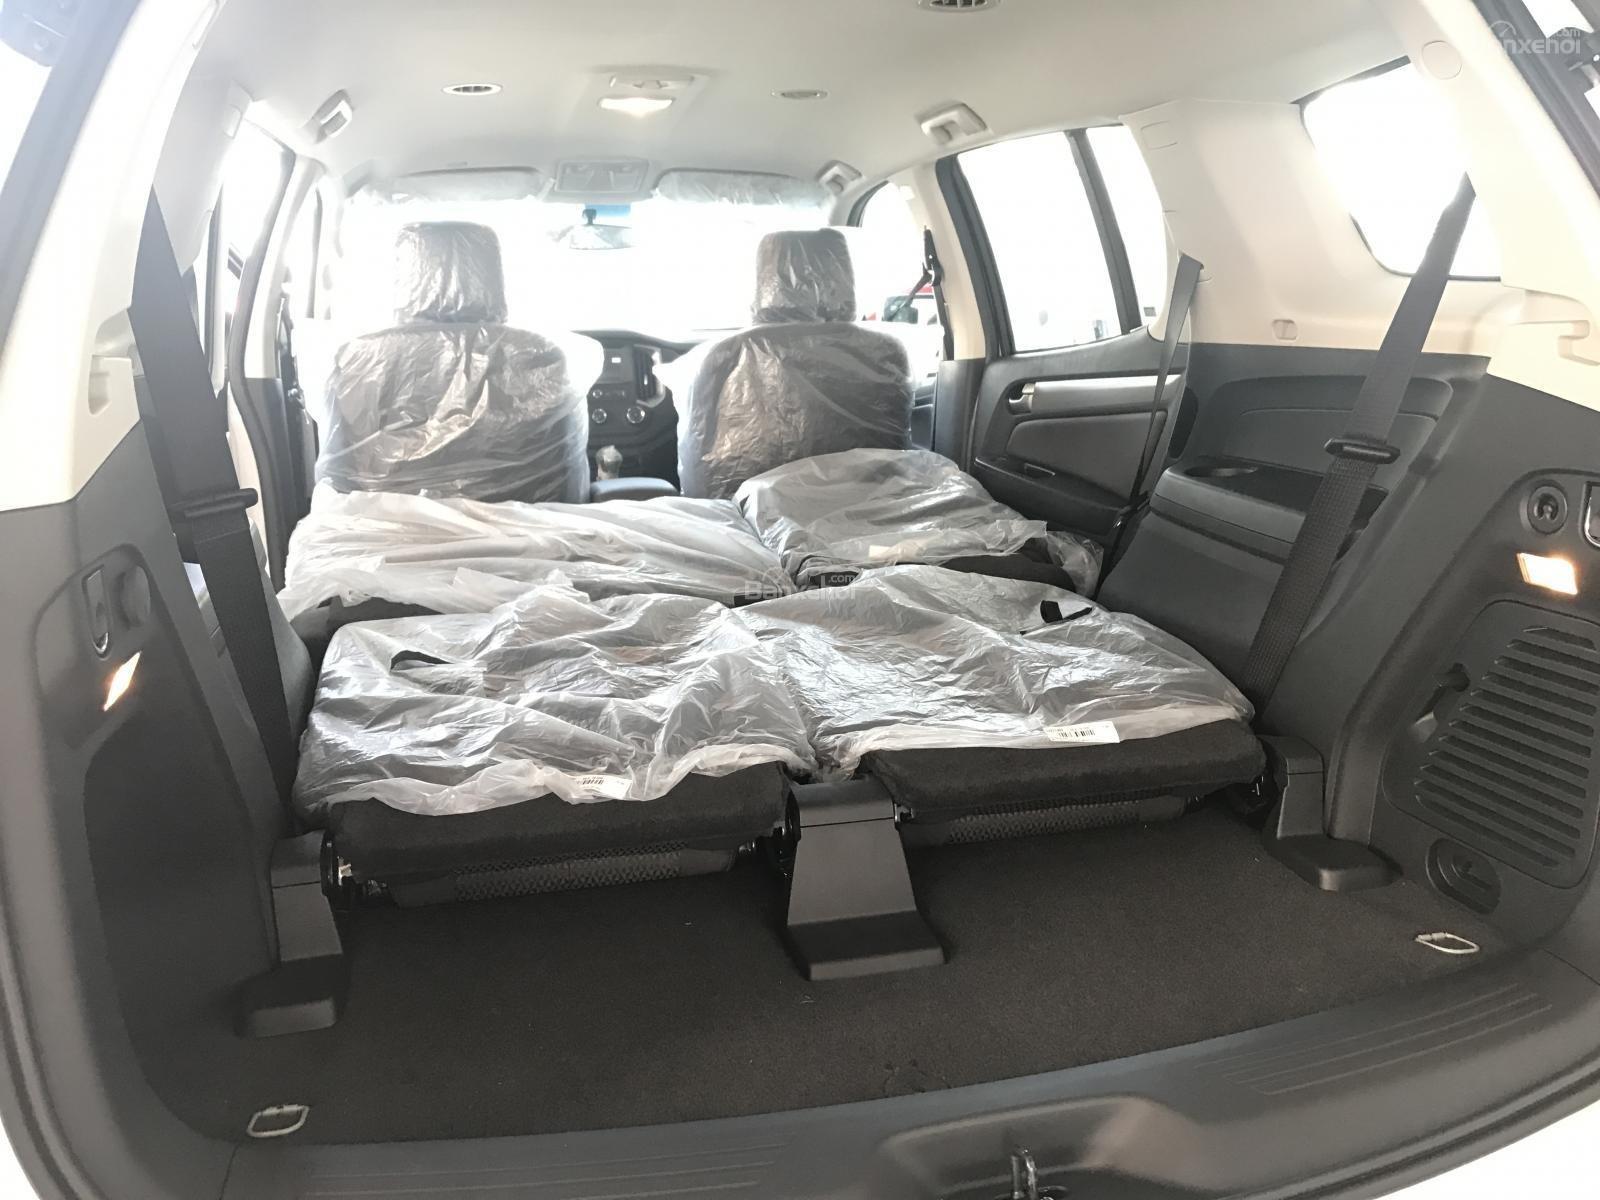 Cần bán Chevrolet Trailblazer 2.5L 4x2 MT LT, màu trắng, nhập khẩu, ưu đãi 30 triệu T12/2018-8